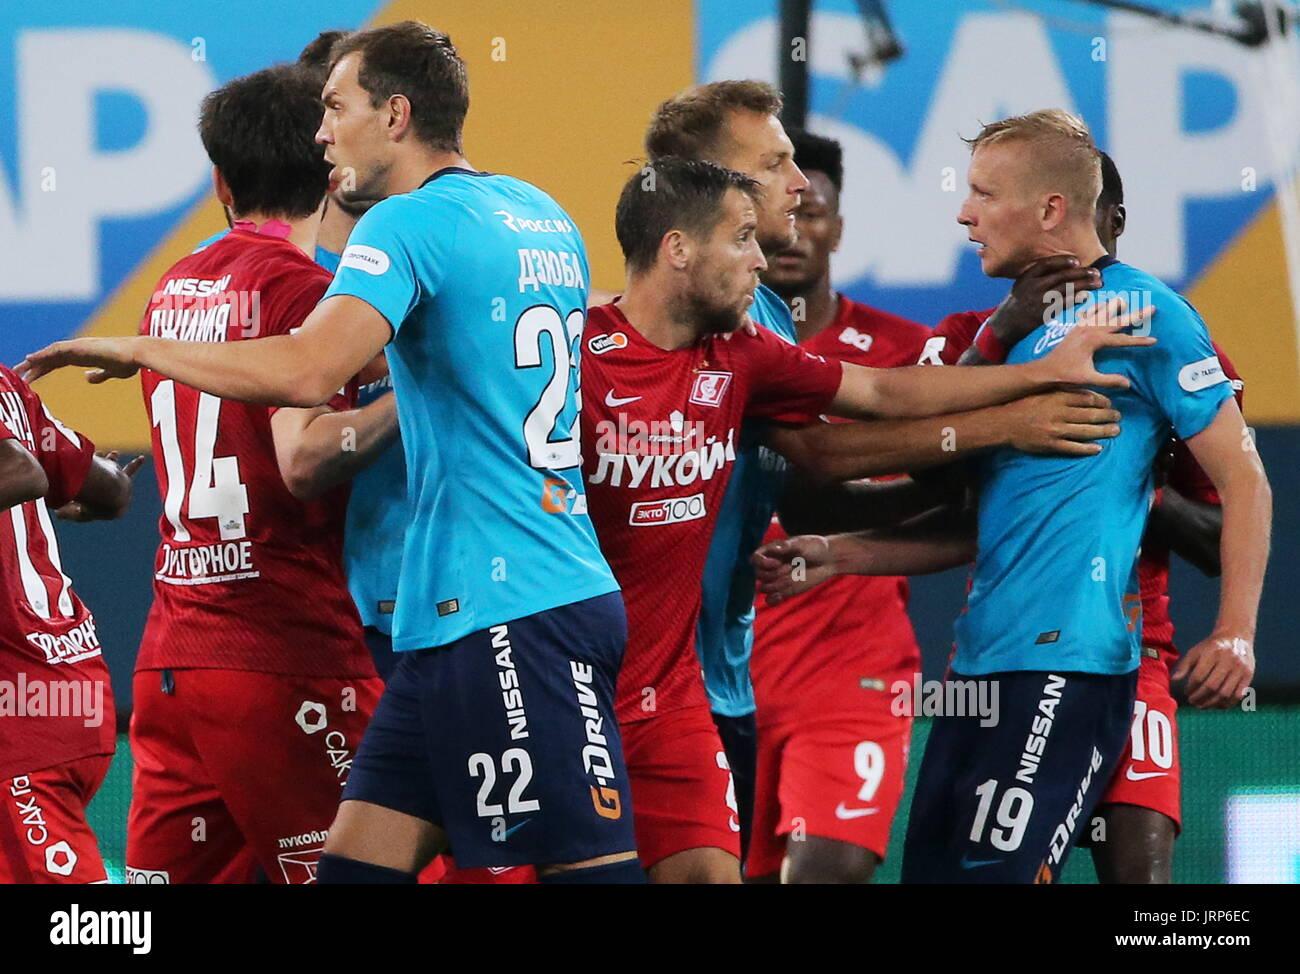 Matches Spartak - Zenit in the season 2018 - 2019 58